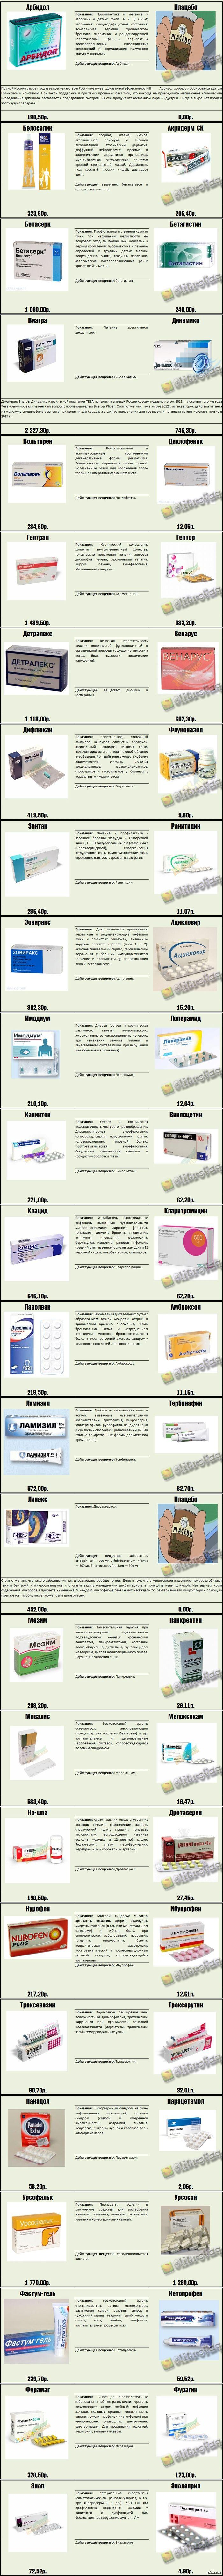 Как не разориться в аптеке?. Обсуждение на LiveInternet - Российский Сервис Онлайн-Дневников